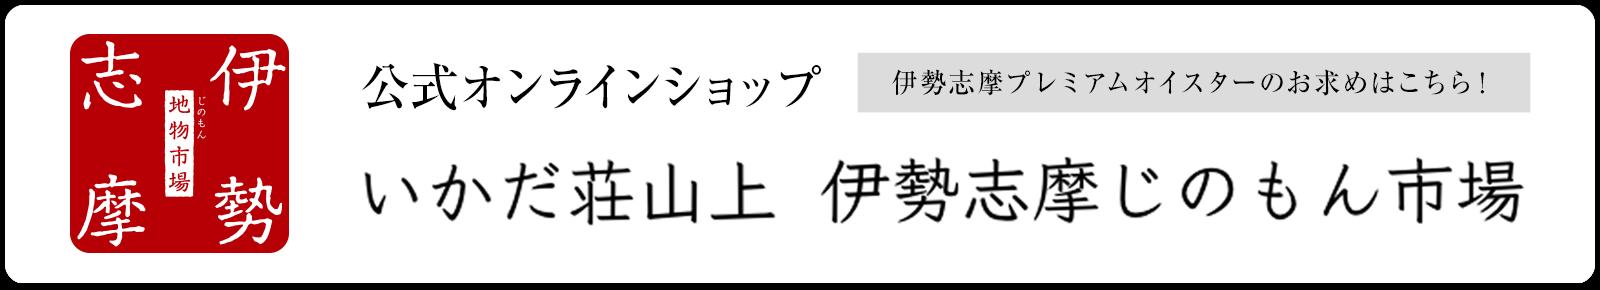 いかだ荘山上 伊勢志摩じのもん市場公式オンラインショップ